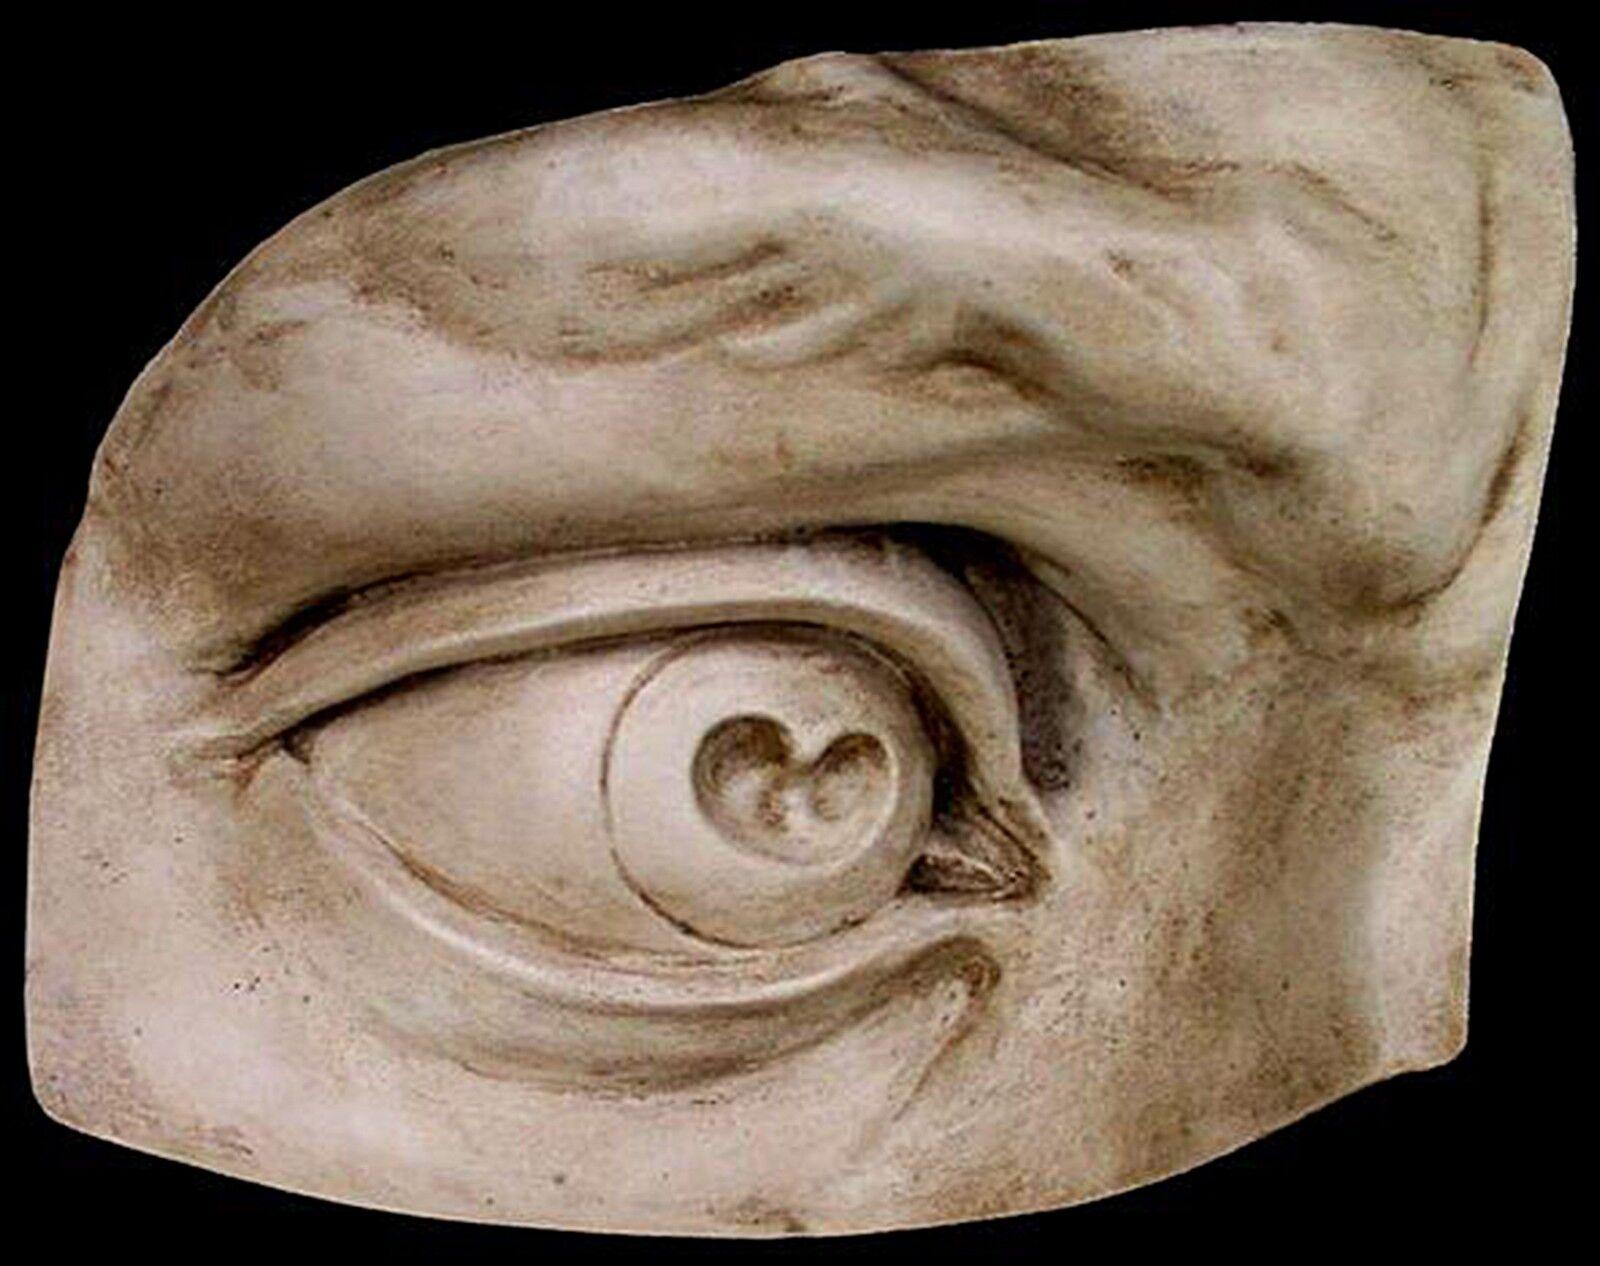 Enorme David's Eye escultura Miguel Ángel fragmento Placa de parojo dos veces el tamaño